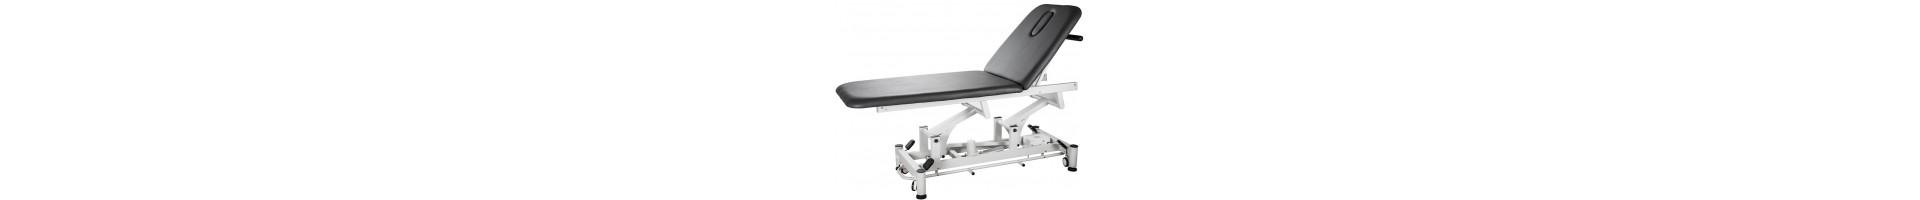 Camillas especiales de fisioterapia | Camillas eléctricas de masaje osteopatia en madera o metalicas